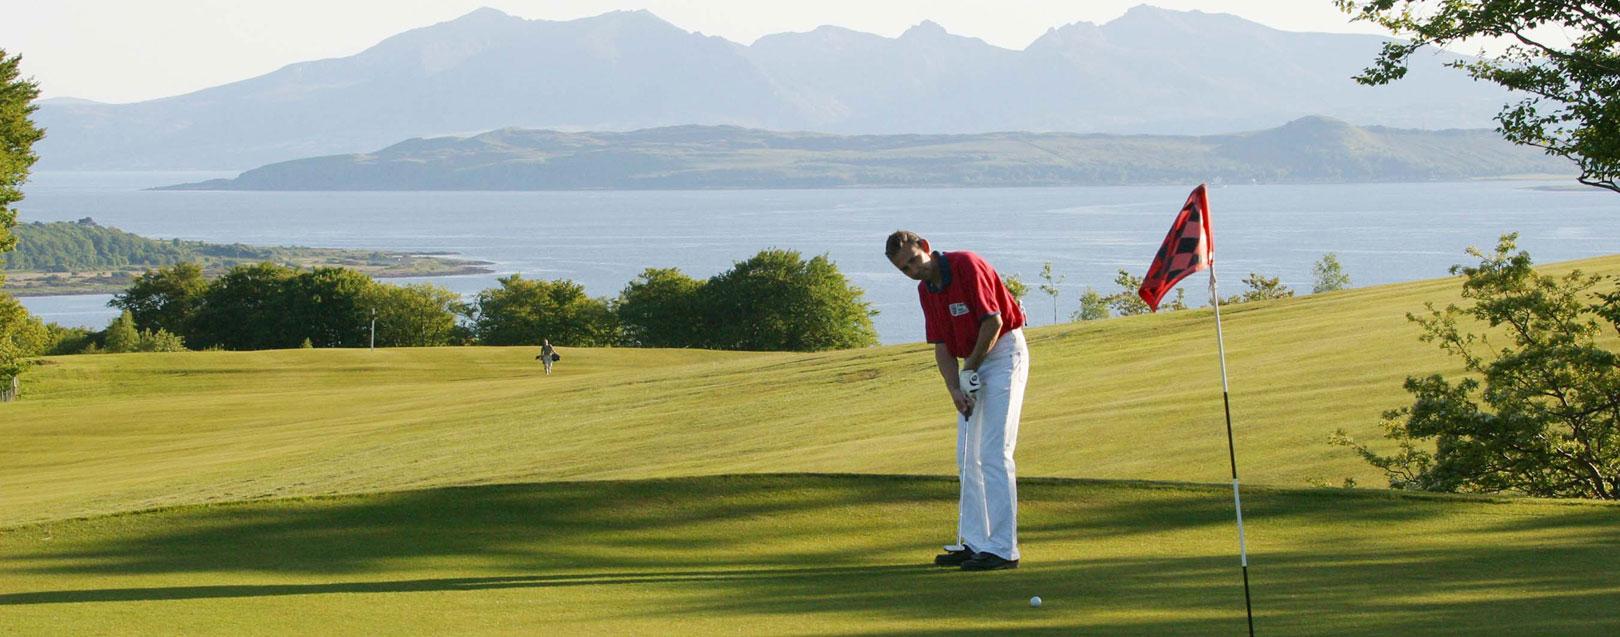 ayrshire-golf